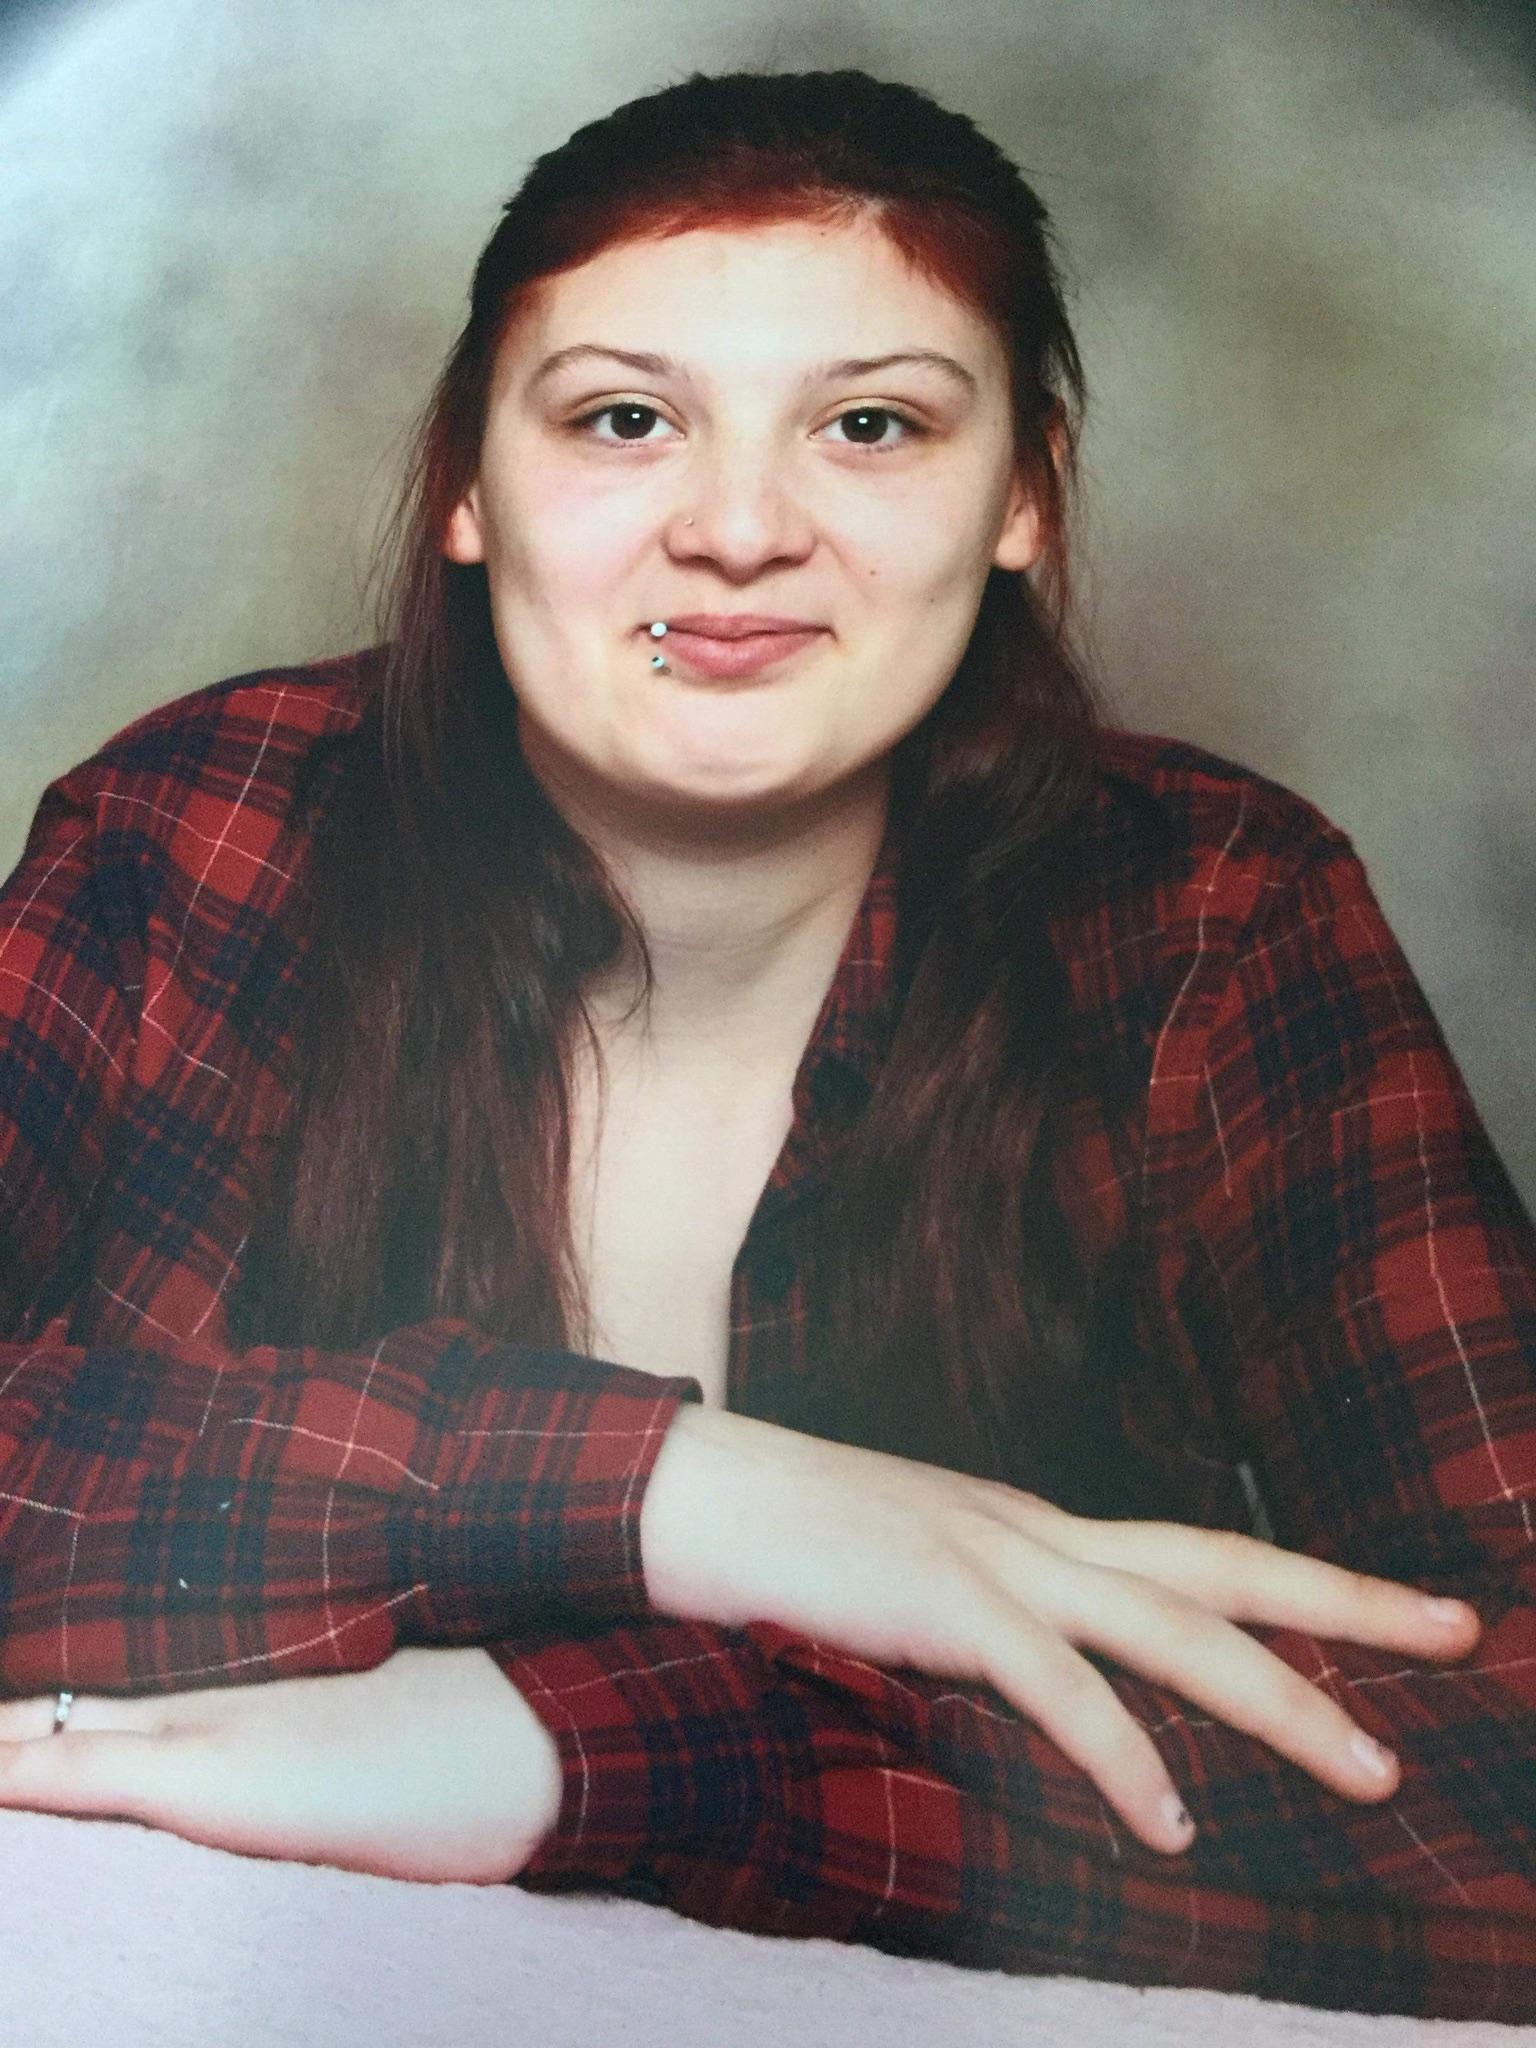 Police Concerned for Welfare of Missing Regina Teen